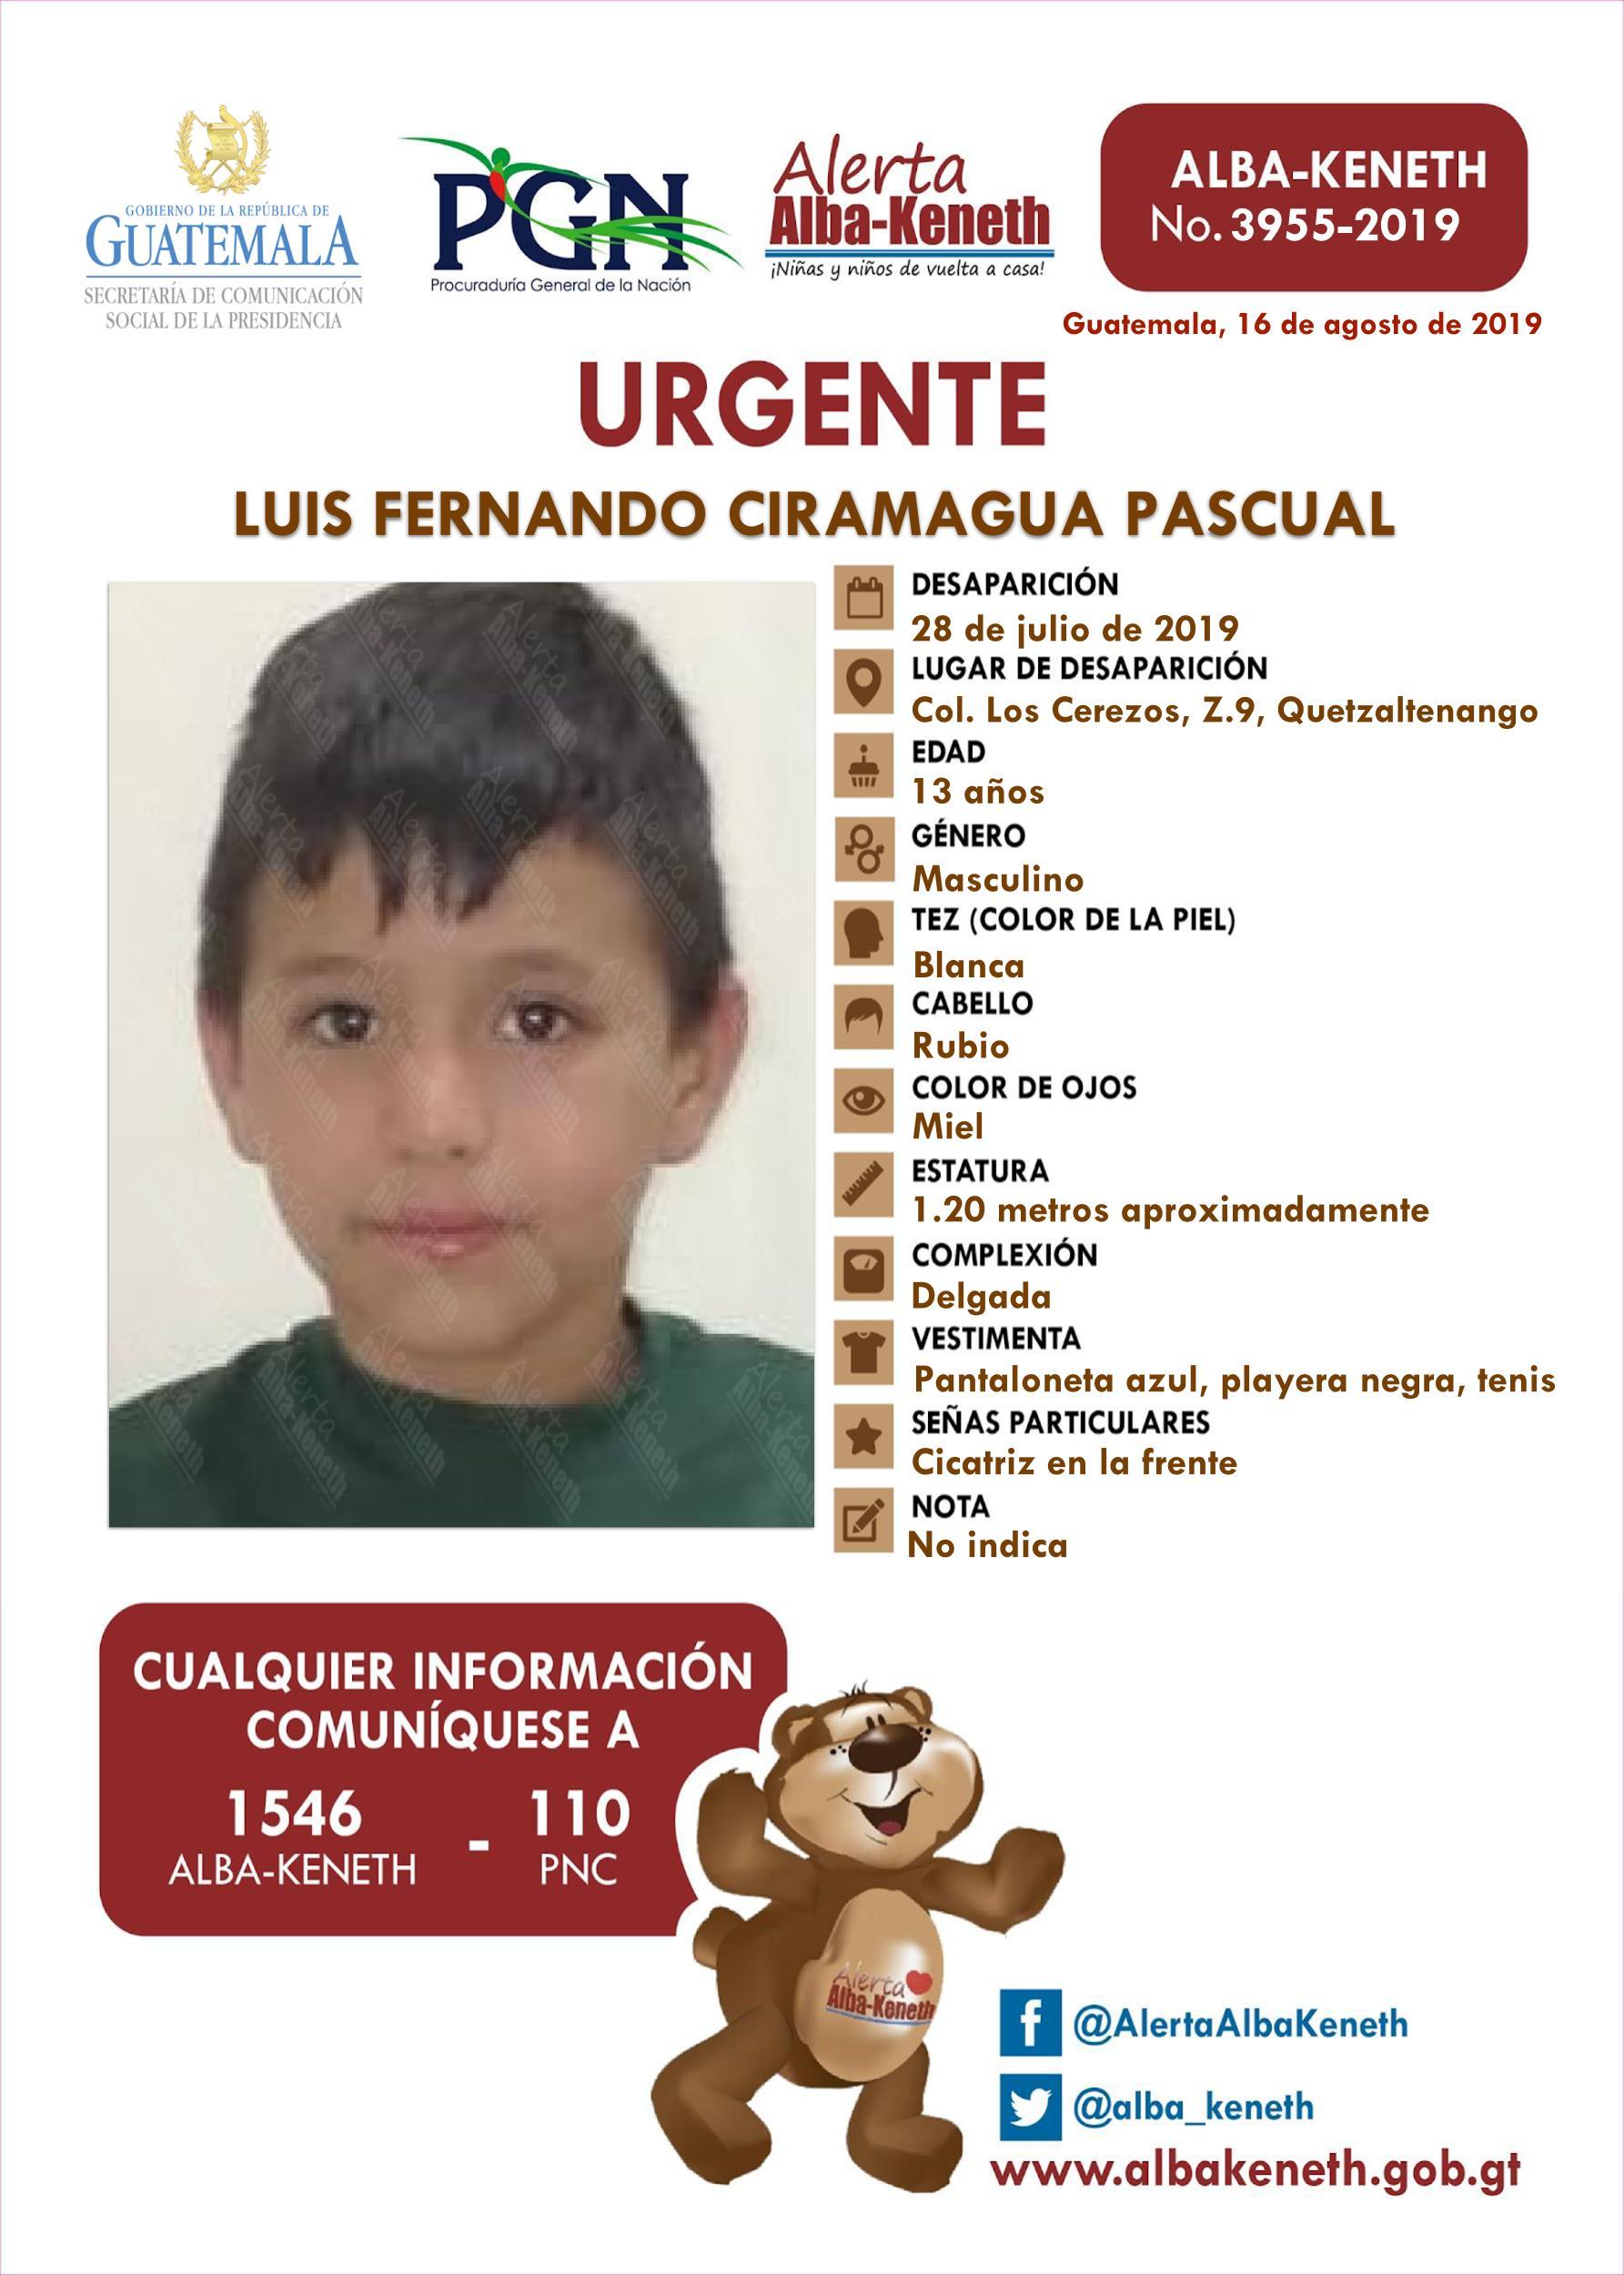 Luis Fernando Ciramagua Pascual